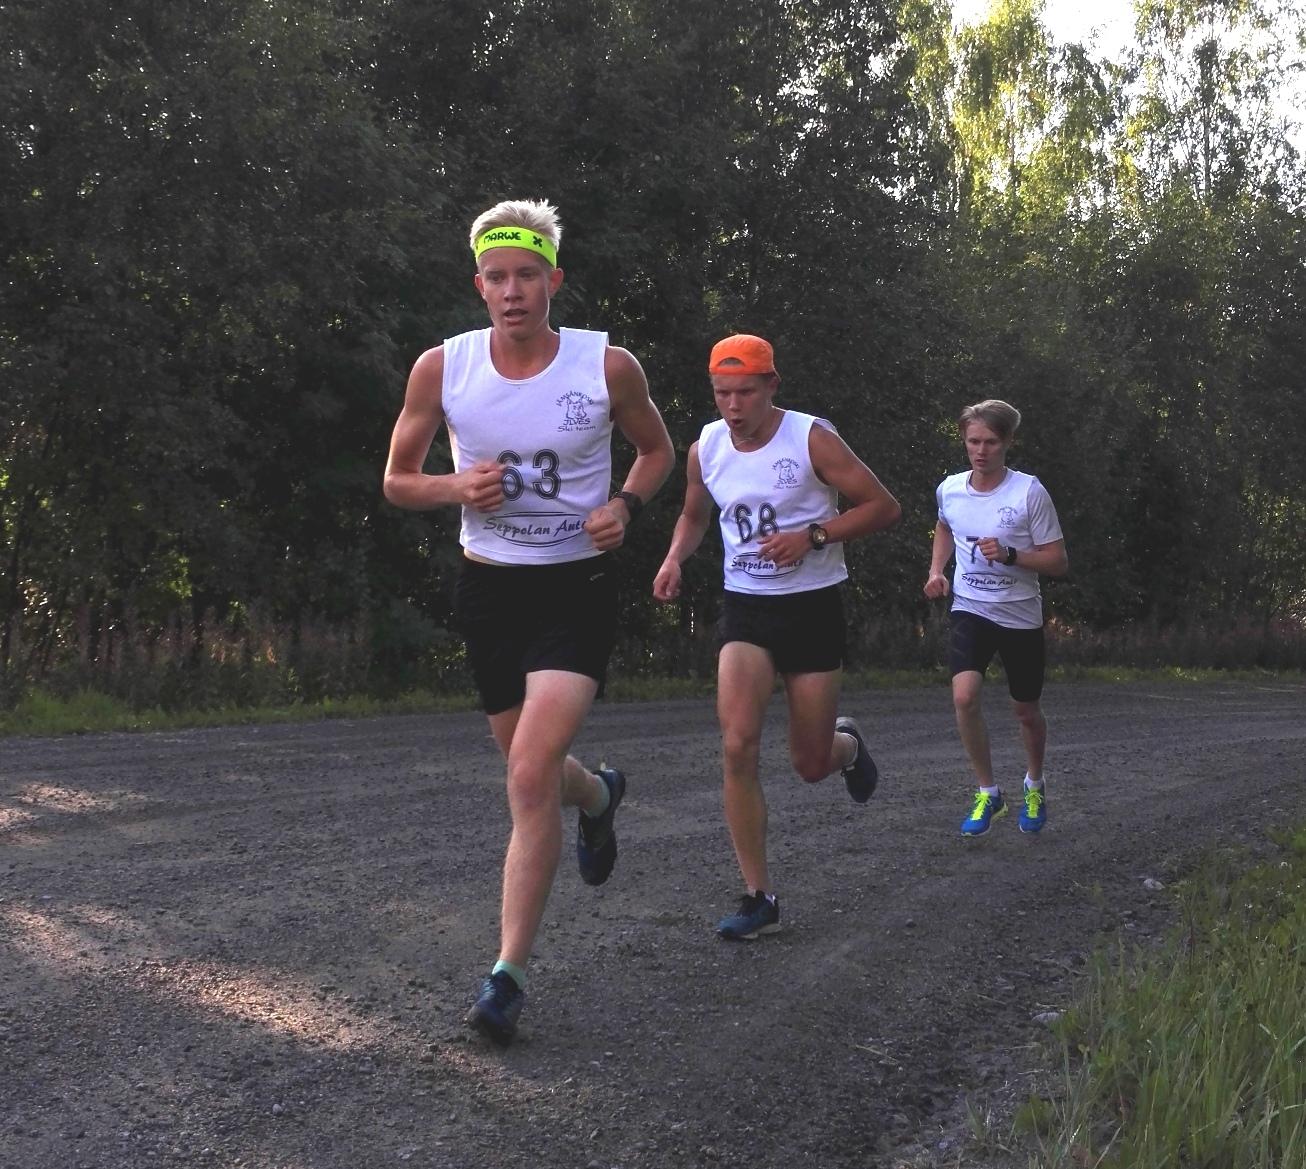 Himos Uphill Run 2019